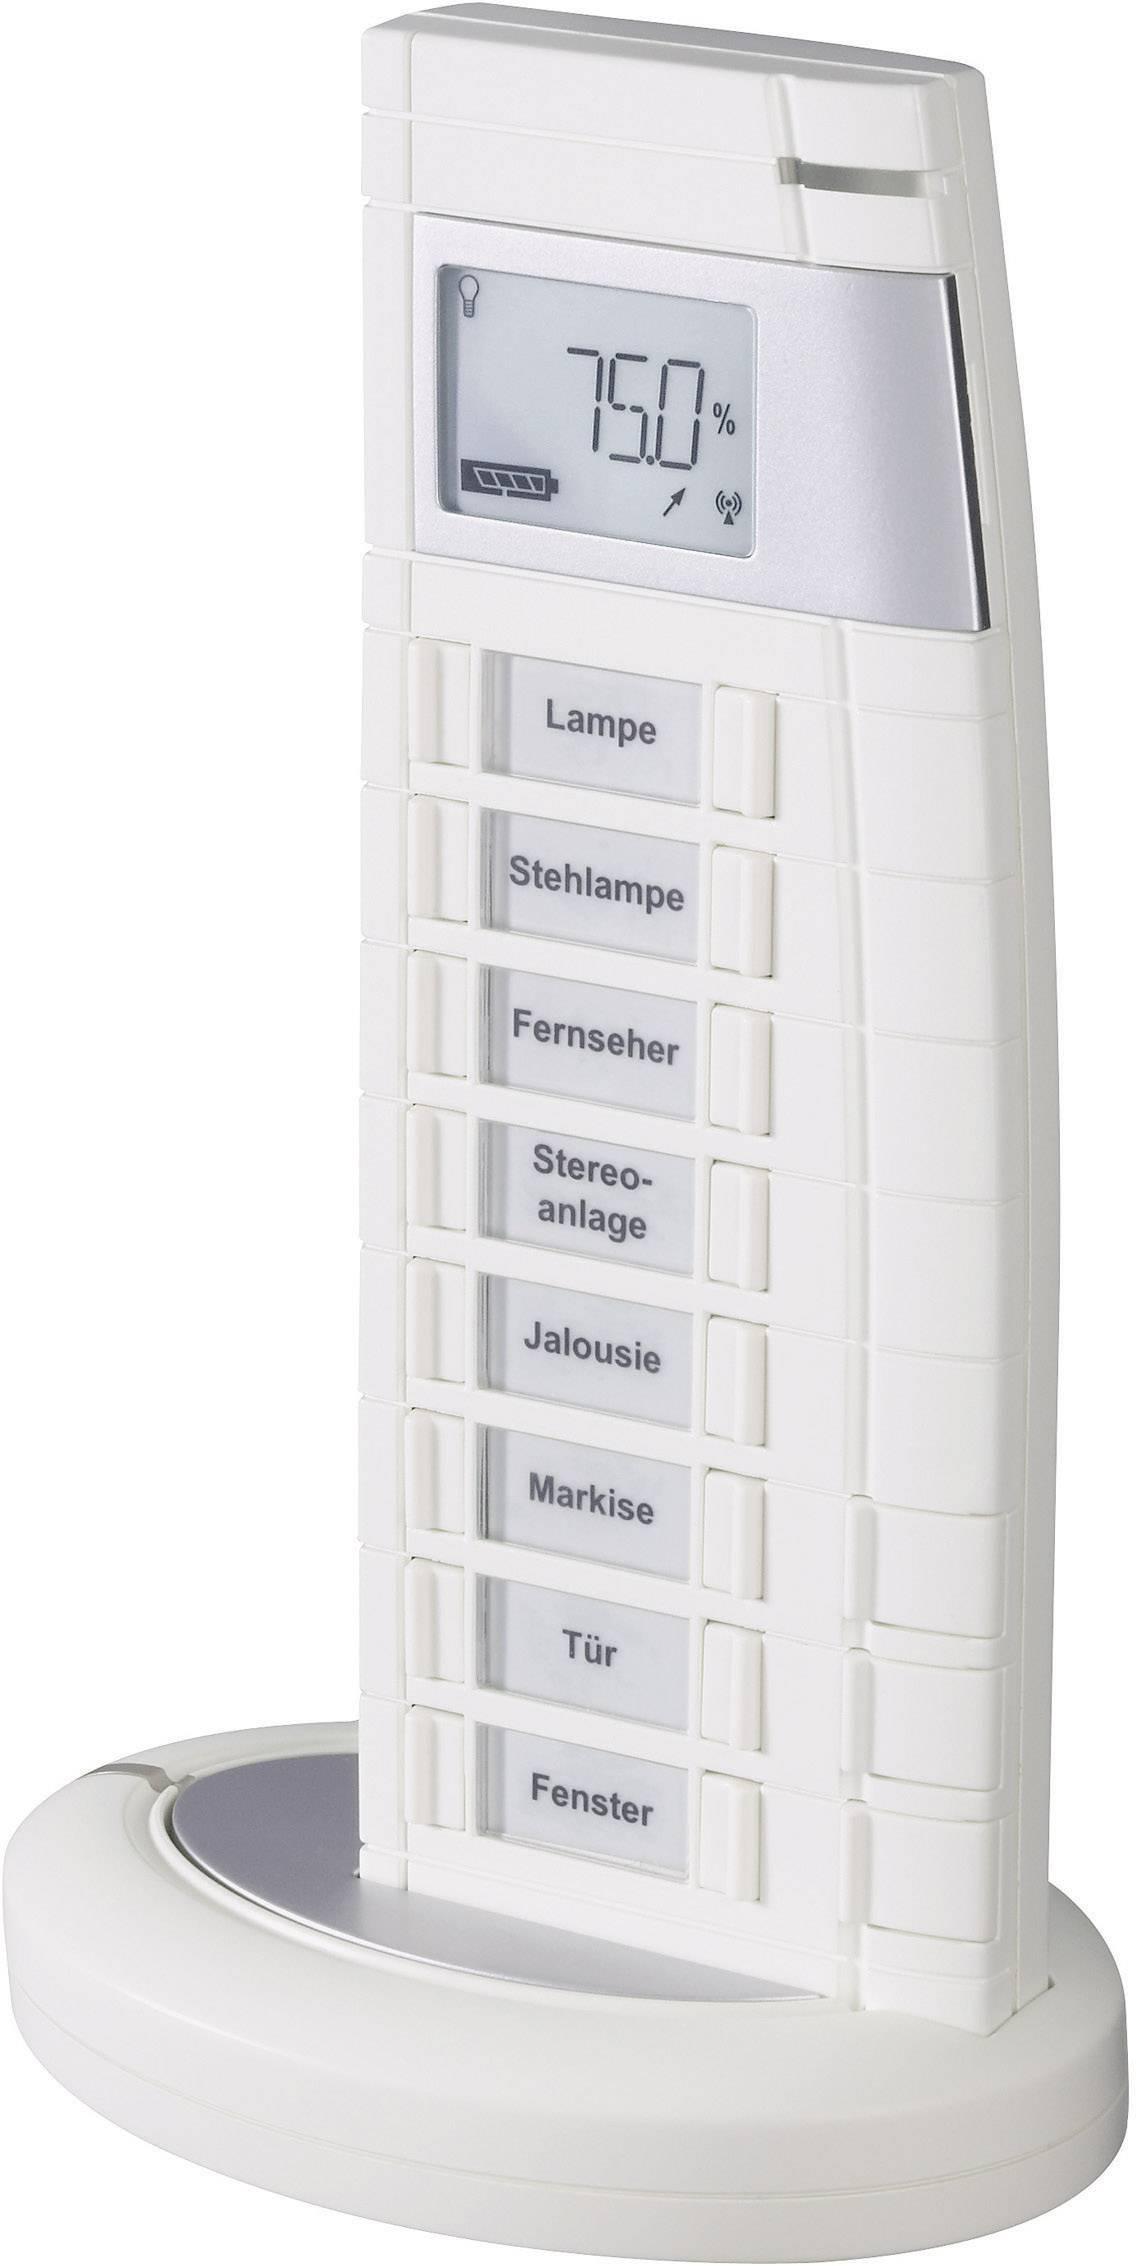 Diaľkové ovládanie HomeMatic s 19 tlačidlami